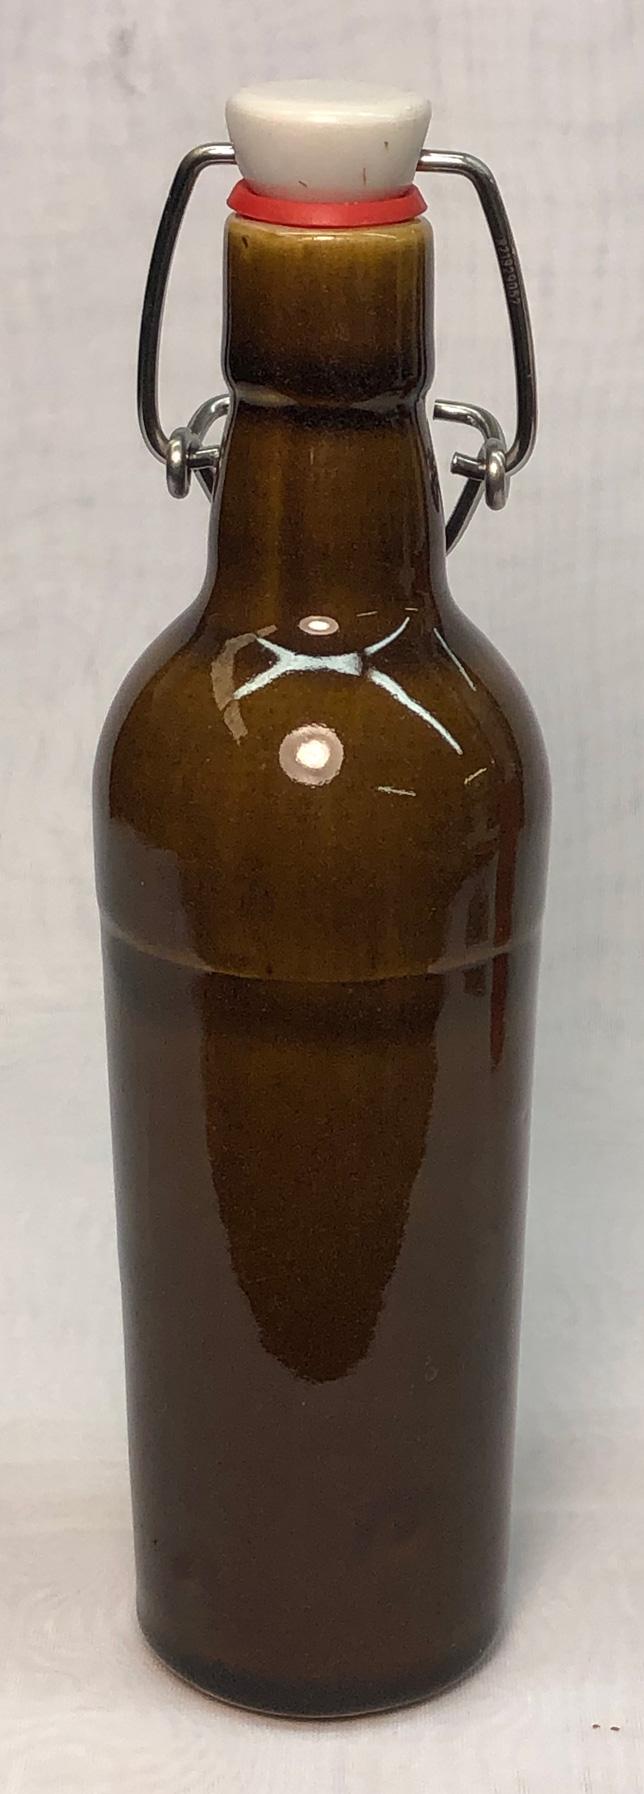 First cast beer bottle